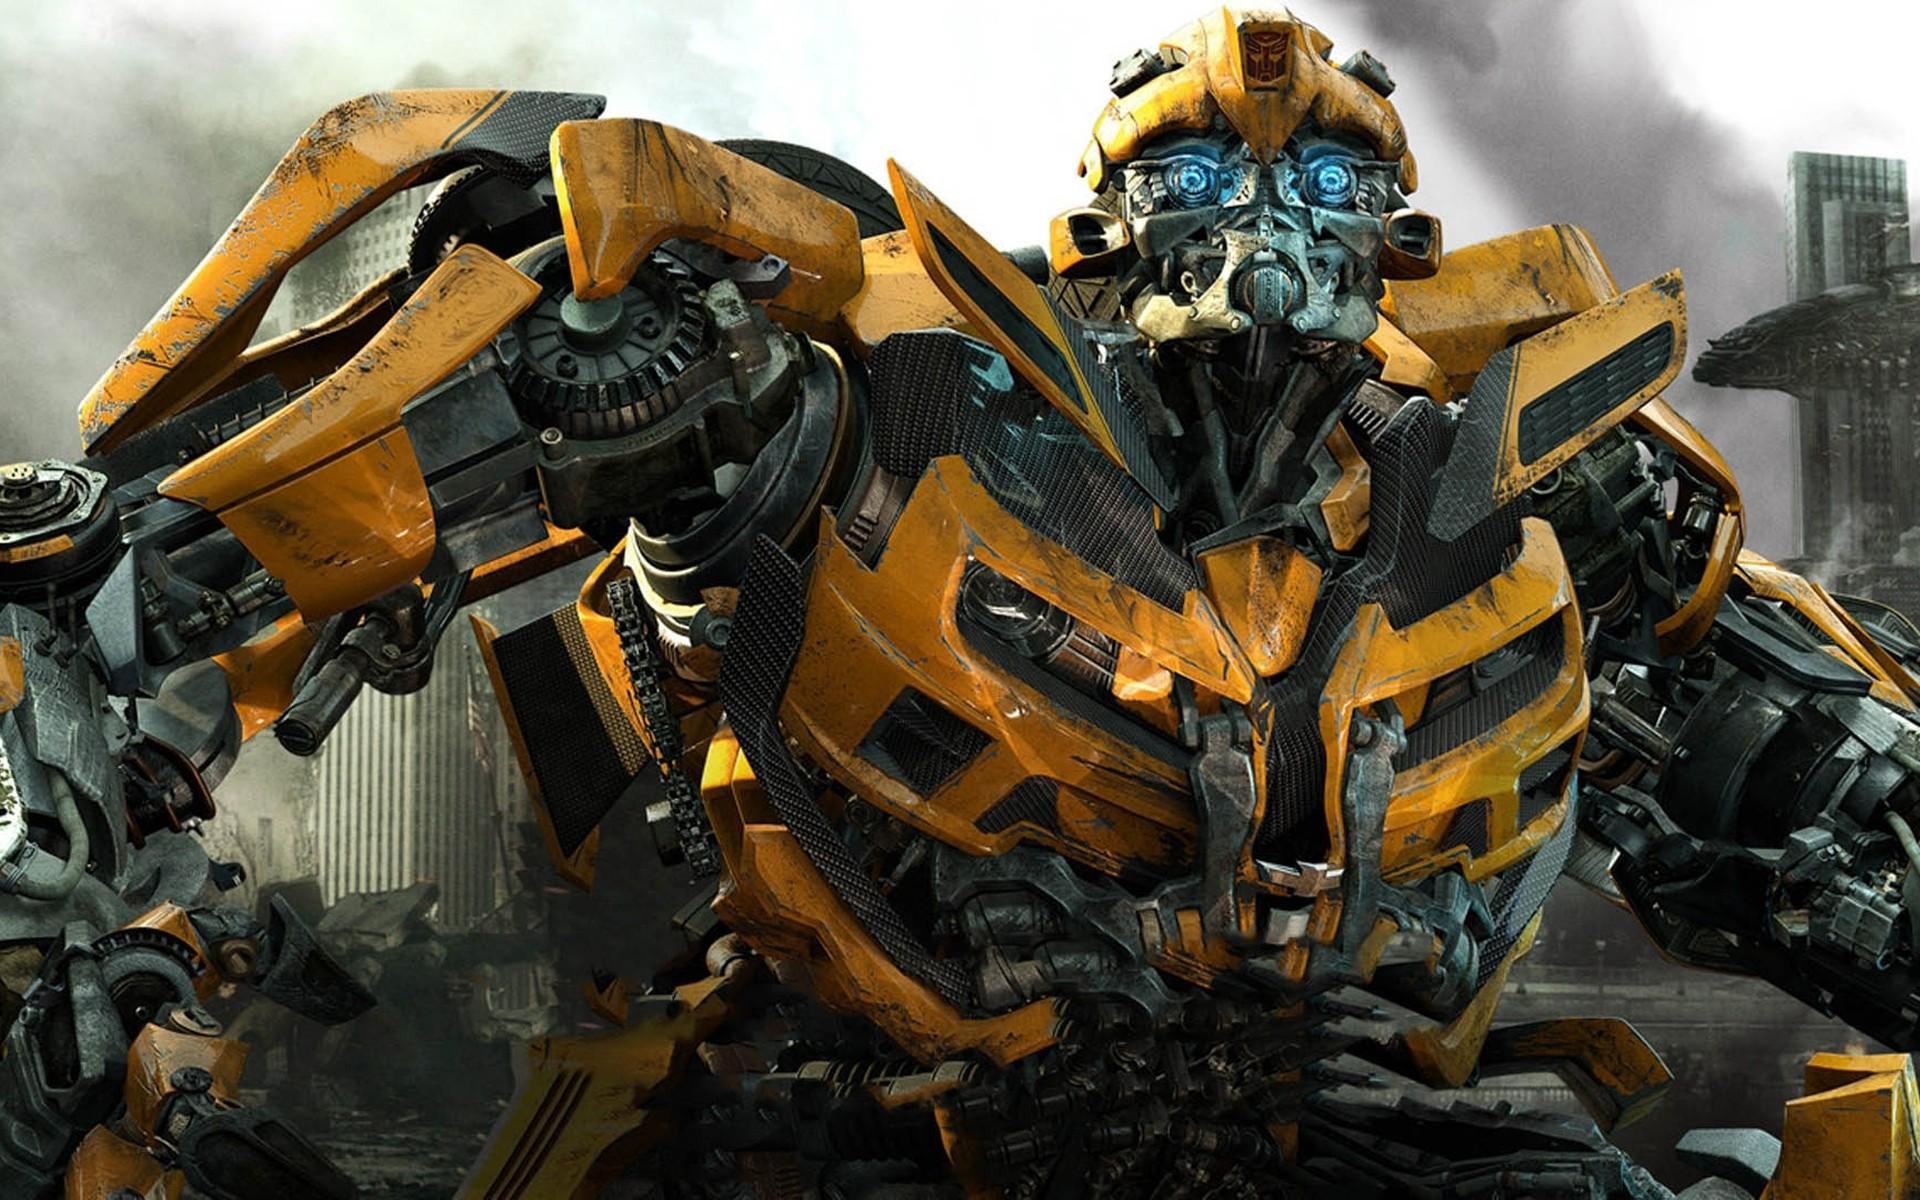 Transformers bumblebee wallpaper wallpapertag - Bumblebee desktop wallpapers ...